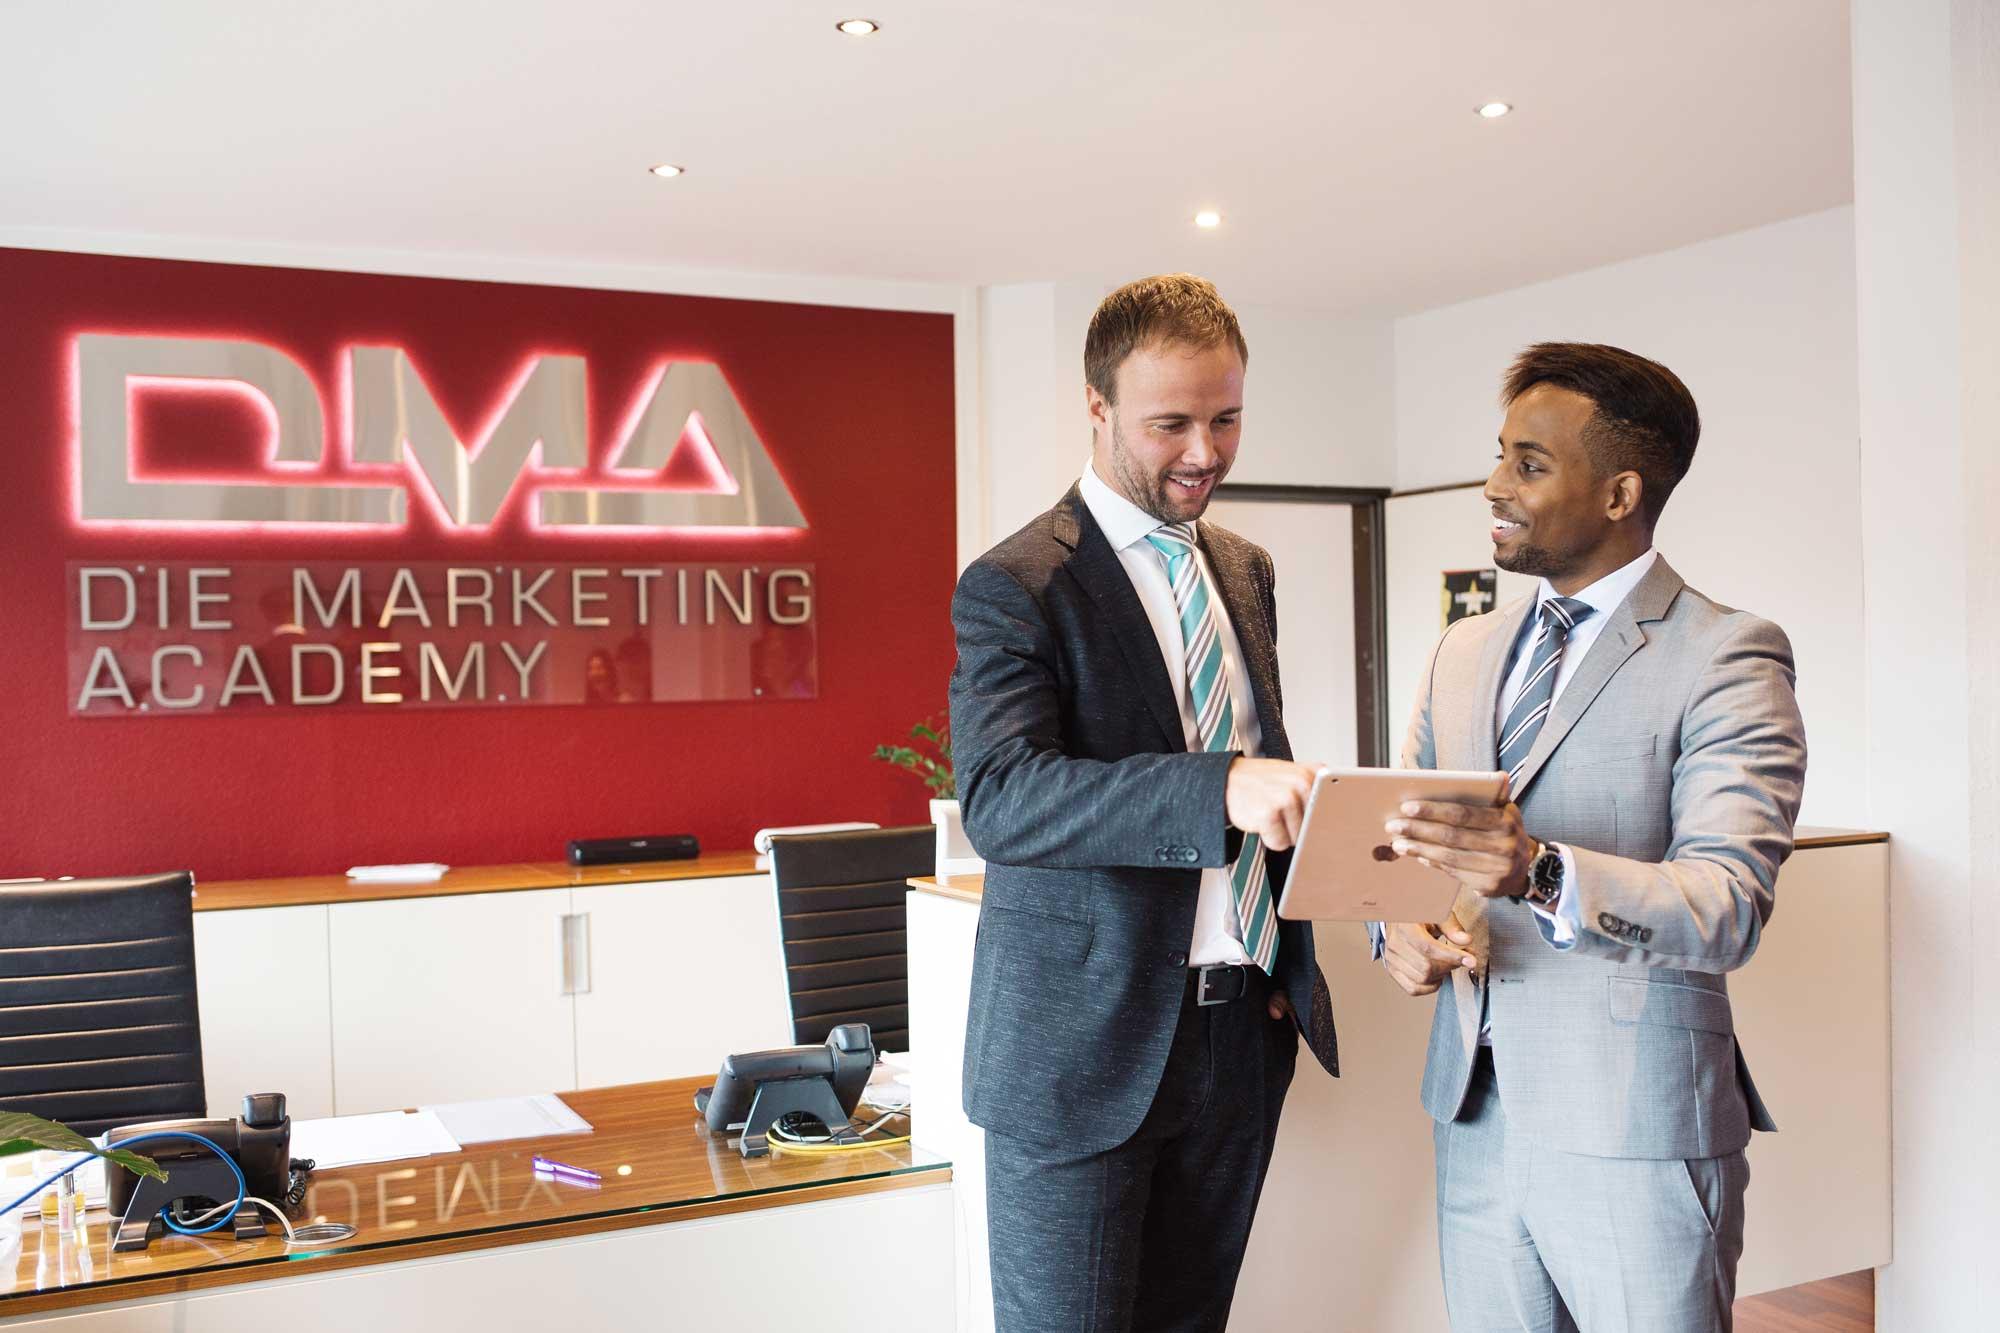 Karriere bei DMA, Die Marketing Academy